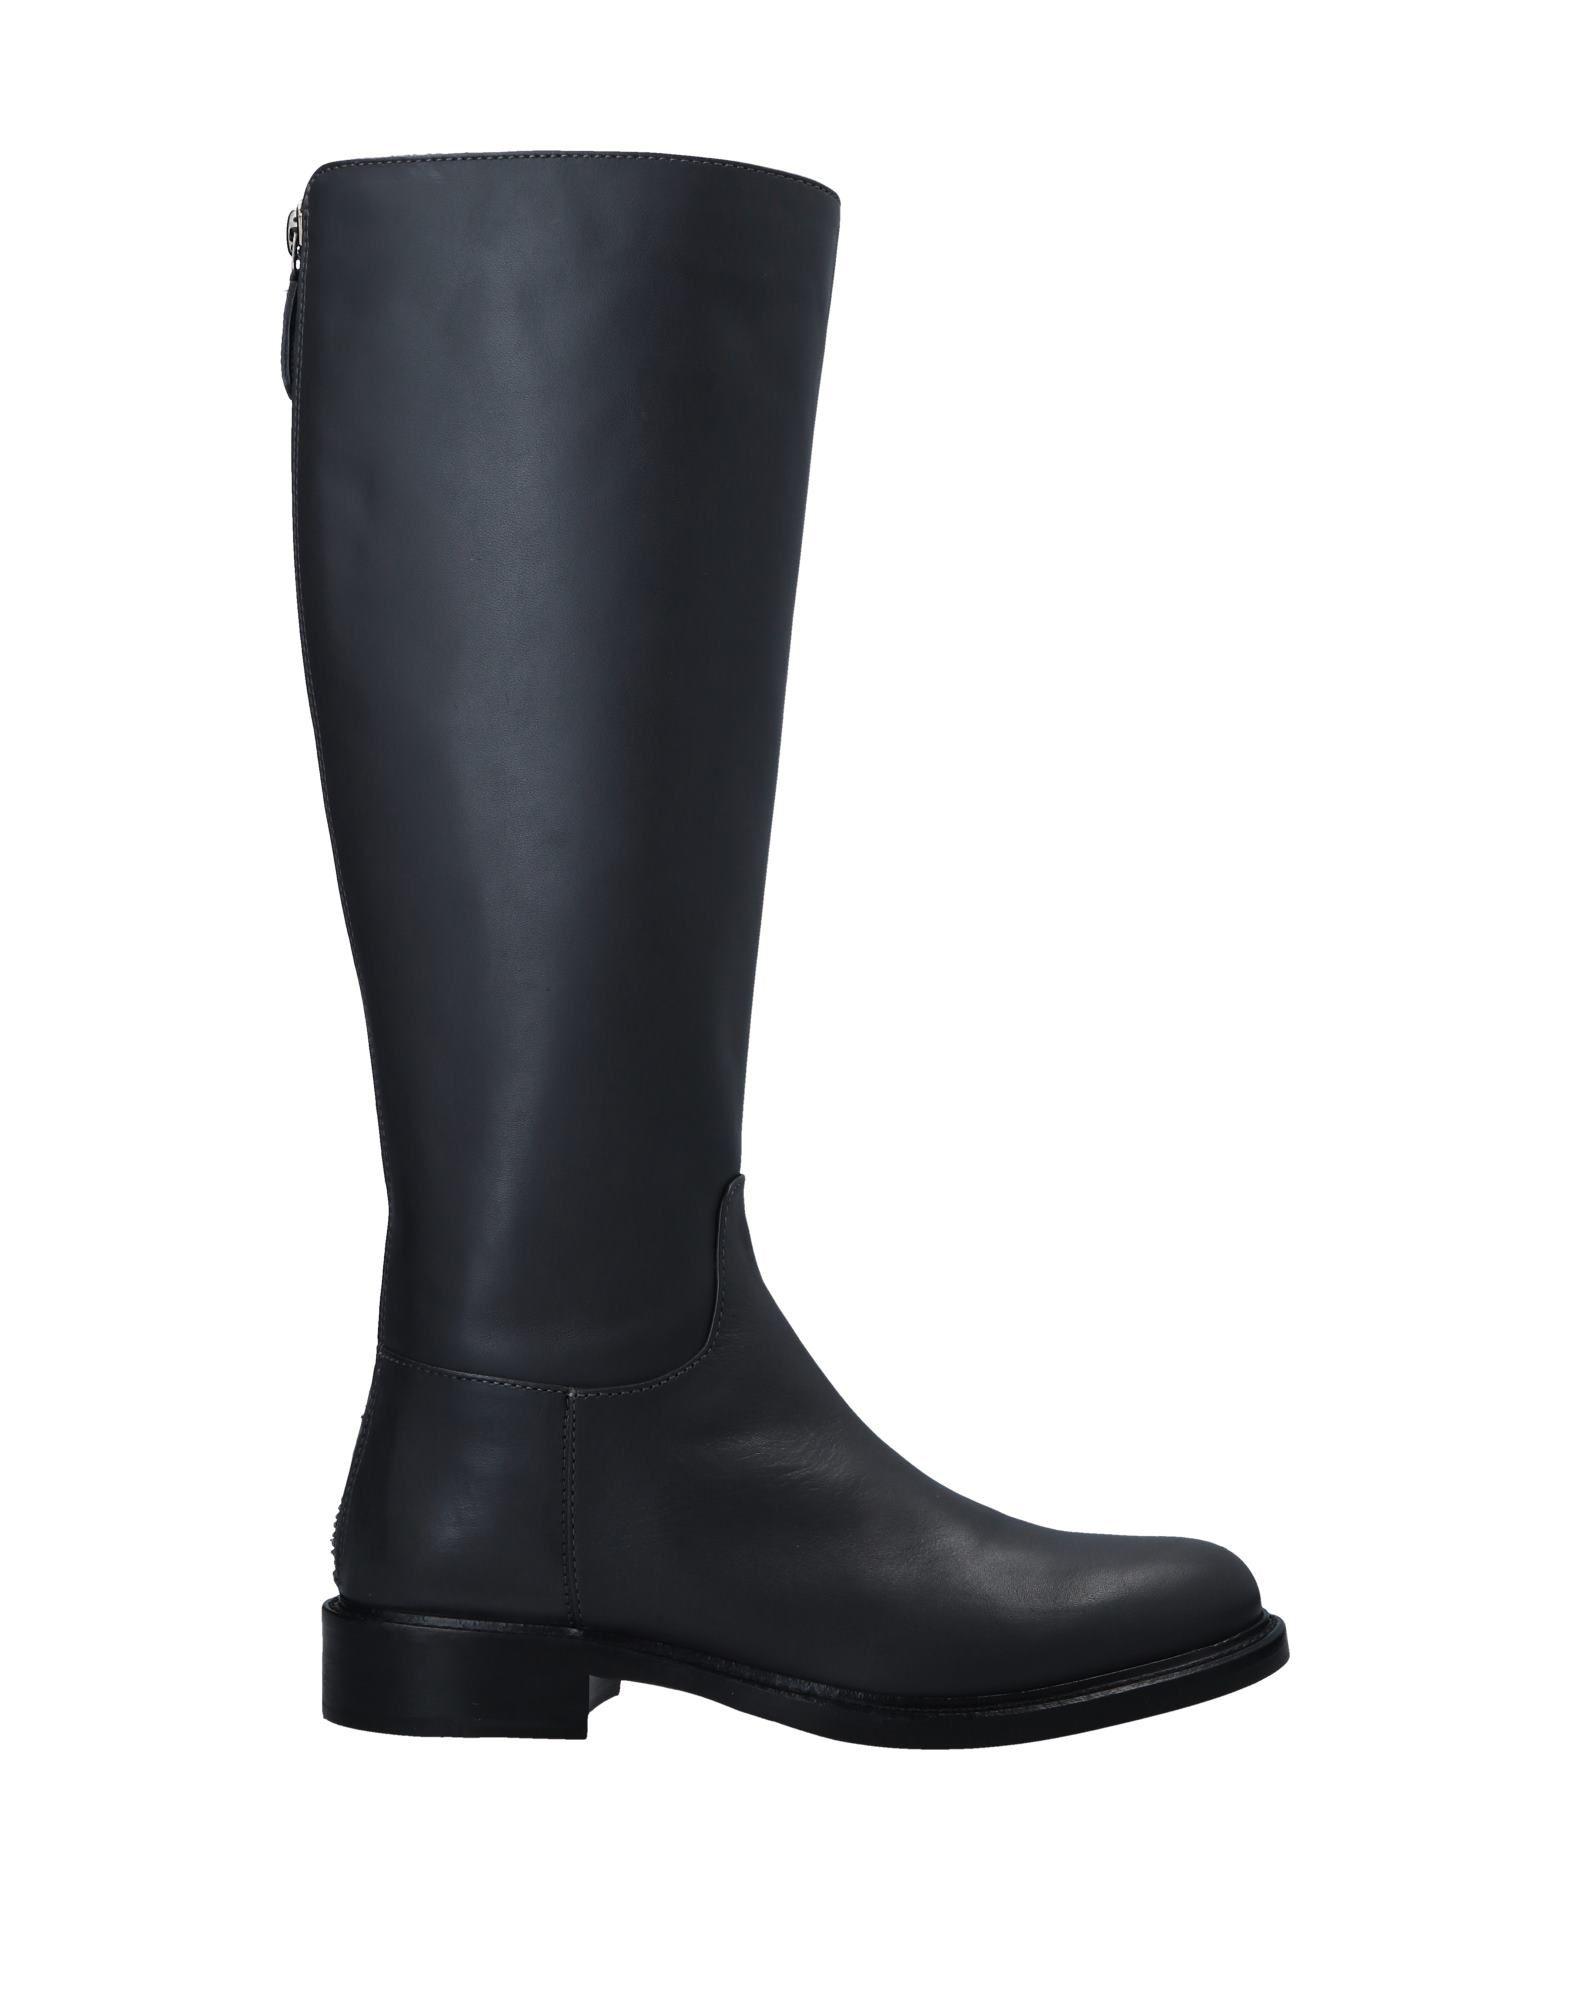 Zamagni Stiefel Damen  11546445BDGut aussehende strapazierfähige Schuhe